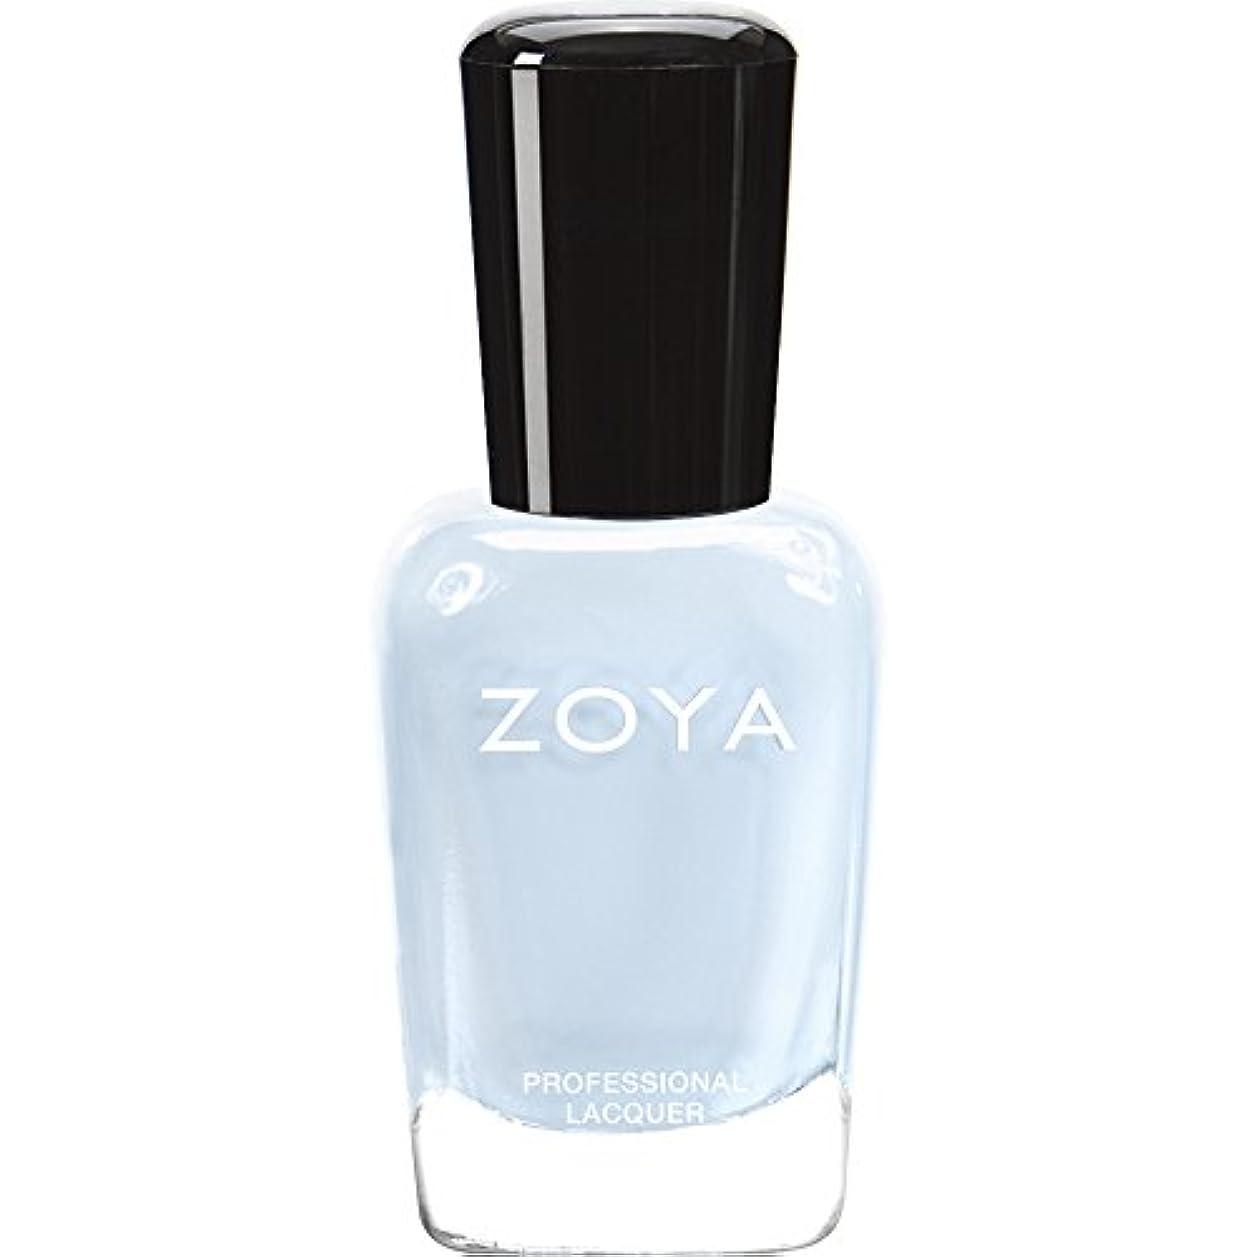 ファンタジー座標織機ZOYA ゾーヤ ネイルカラー ZP653 BLU ブルー 15ml  2012 LOVELY COLLECTION 光沢のある淡いベビーブルー マット 爪にやさしいネイルラッカーマニキュア